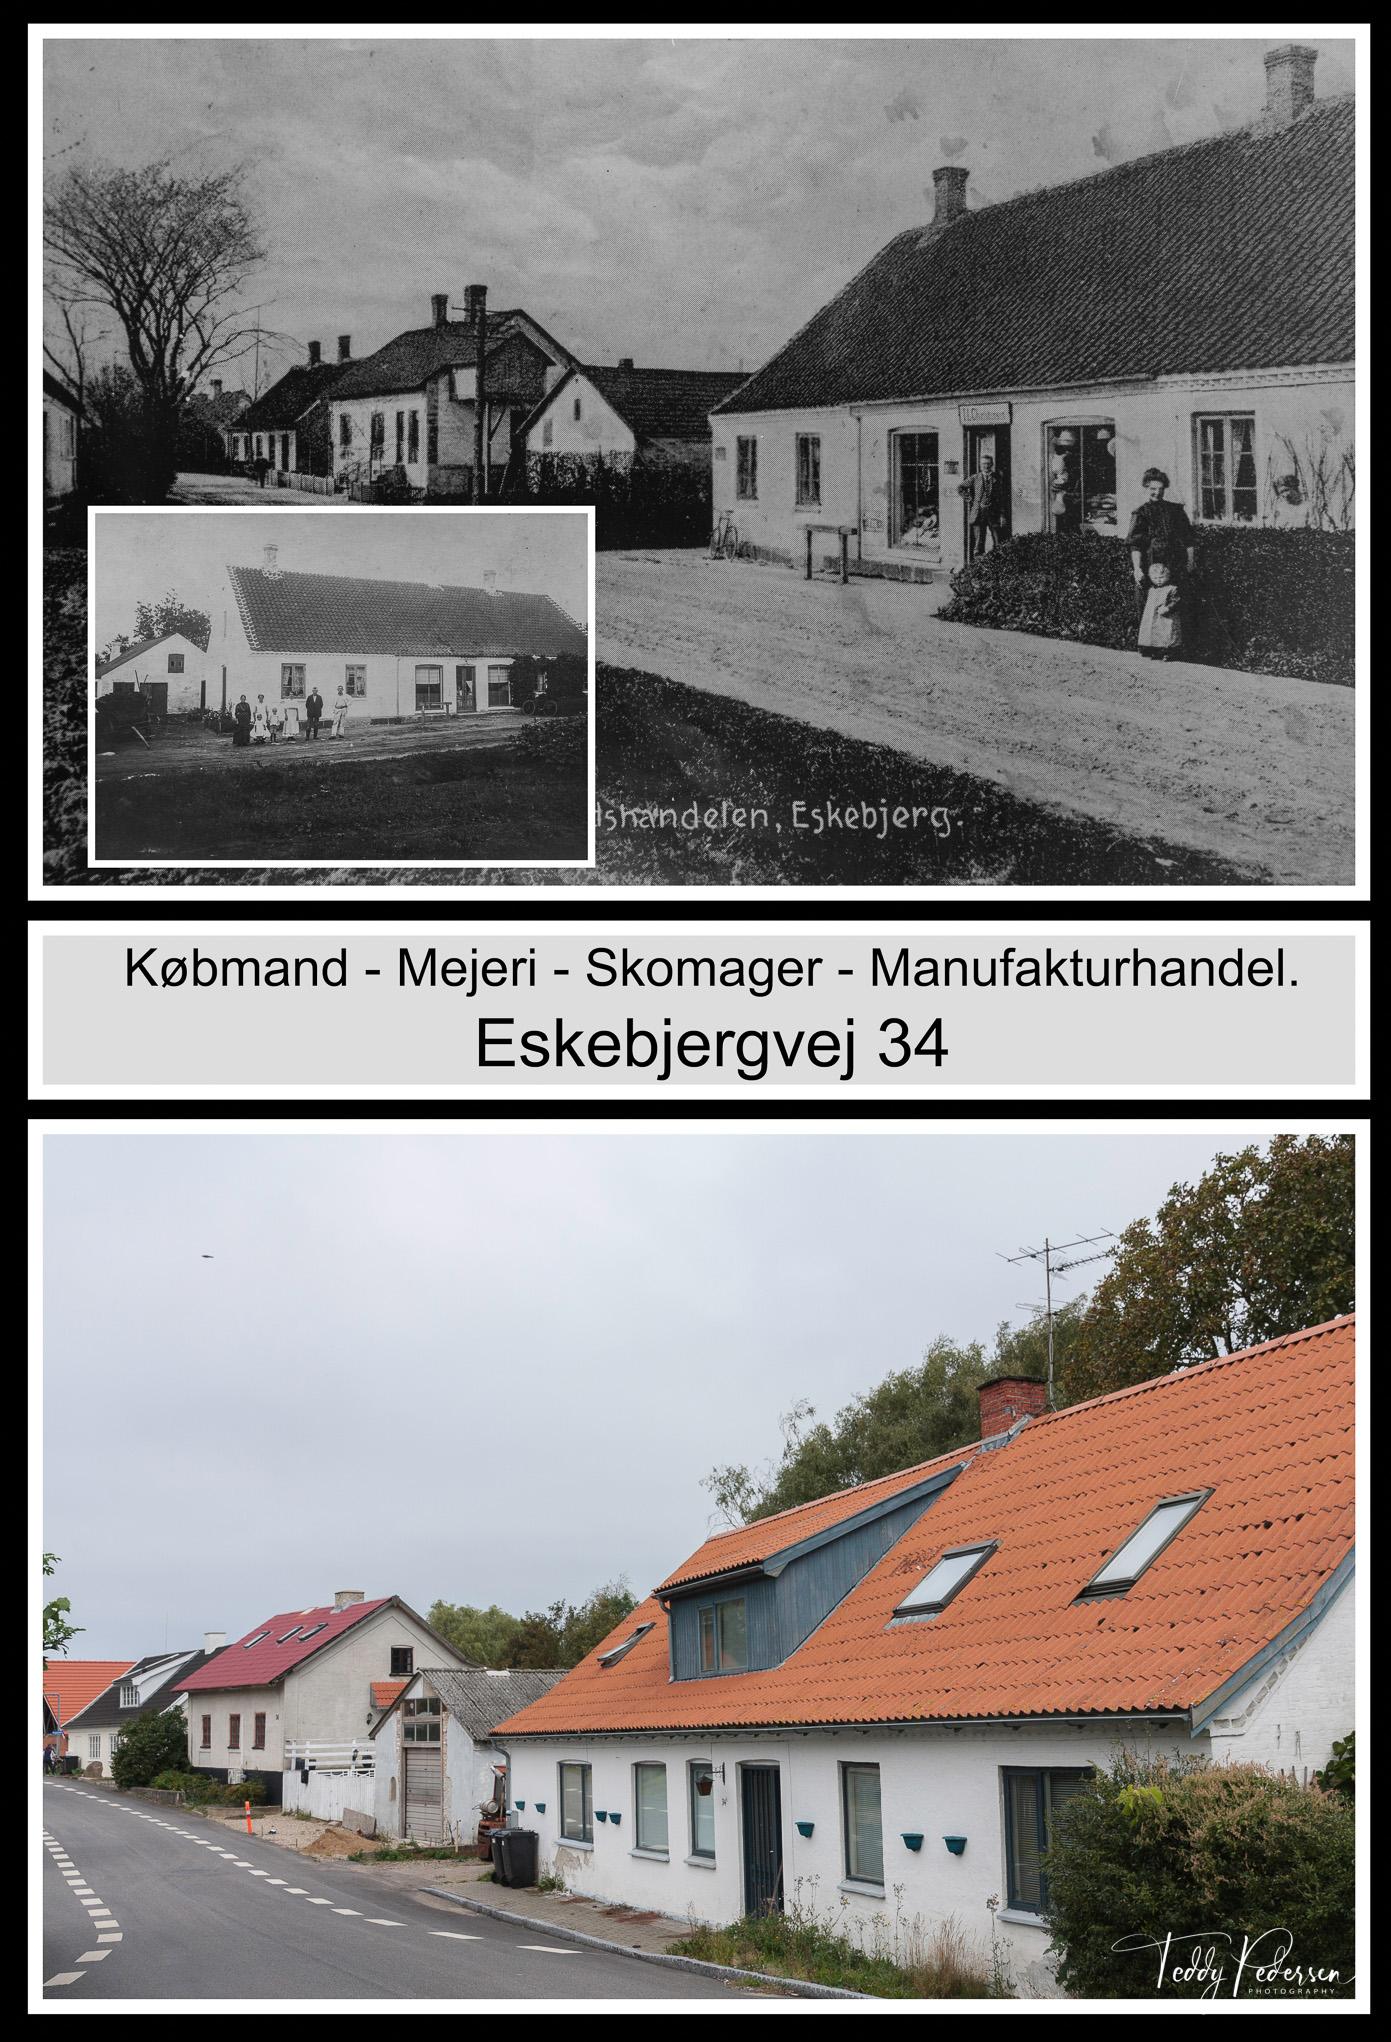 011-036-Købmand-Mejeri-Skomager-Manufakturhandel-Eskebjerg-34_HighRes_LowRes